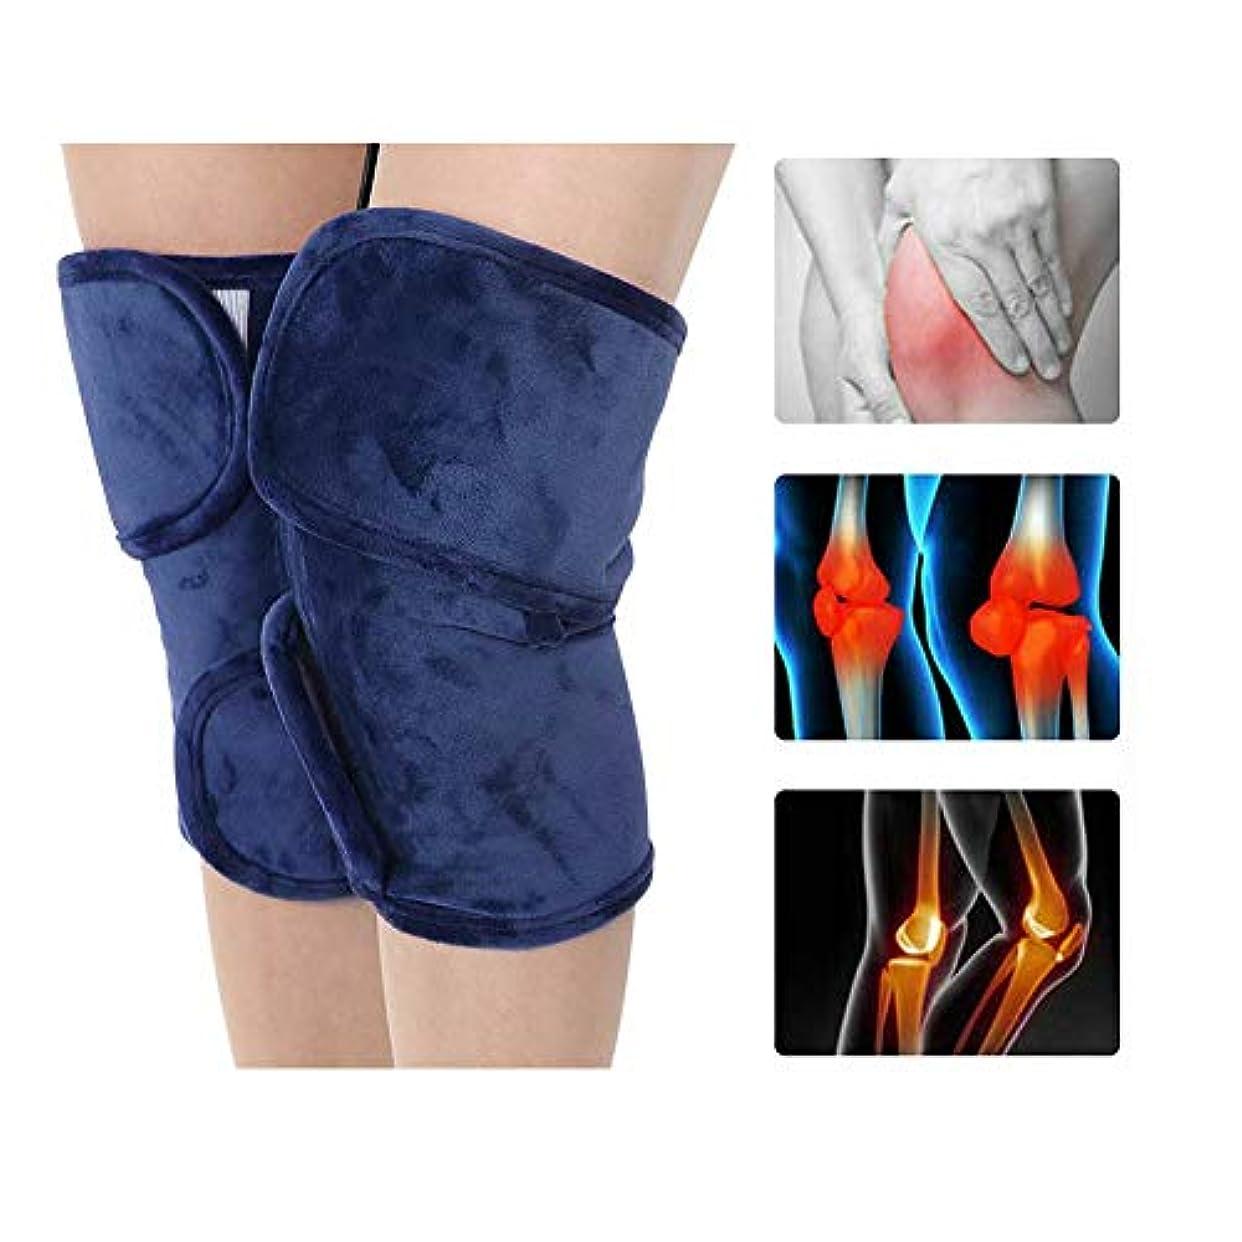 乱闘仲介者水曜日電気加熱膝ブレースサポート - 膝温かいラップパッド療法ホット関節炎膝の痛みのための熱い圧縮,Blue